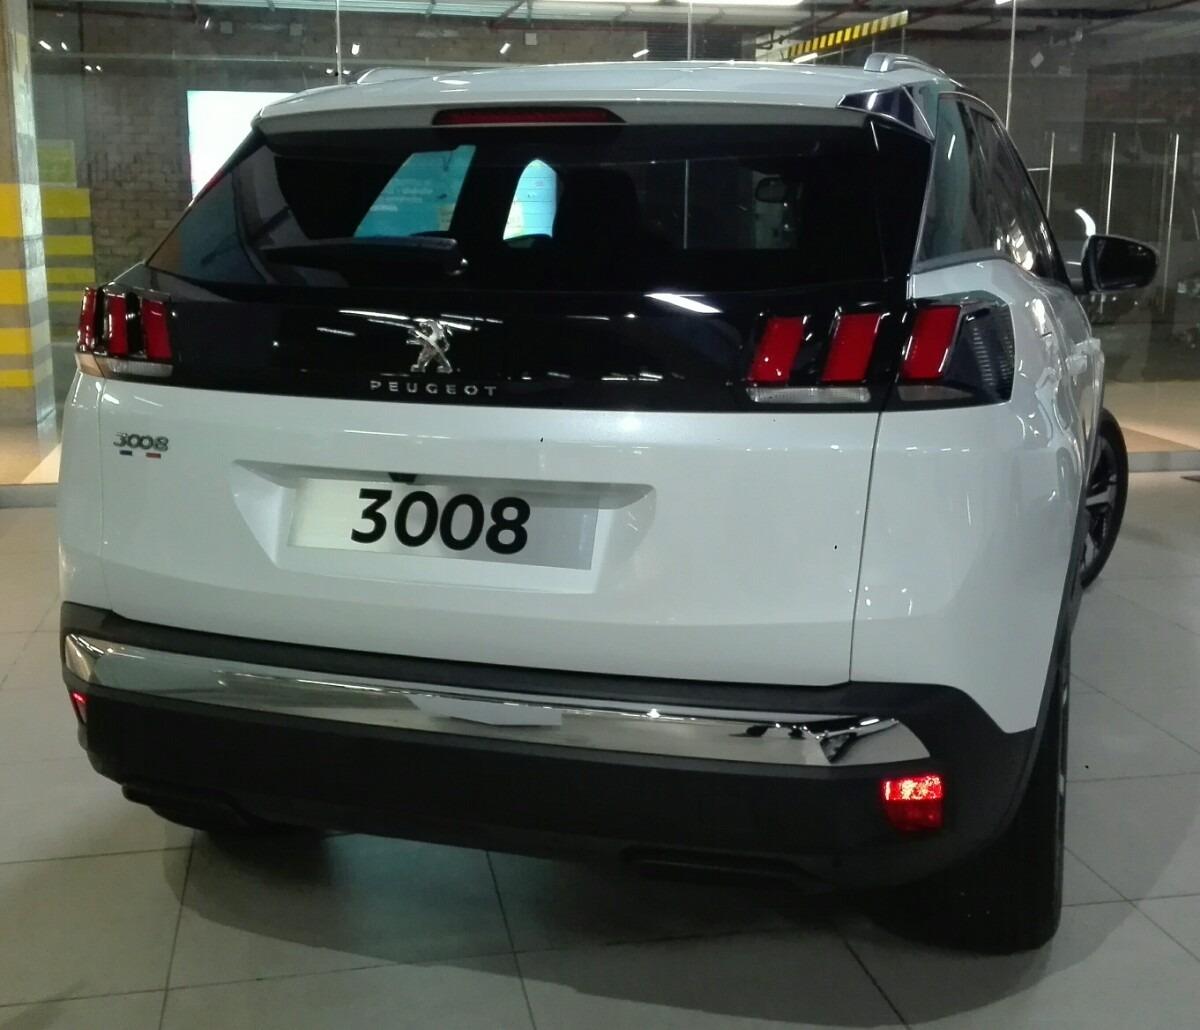 3008 Diesel. Peugeot 3008 Hybrid4 Diesel Hybrid First